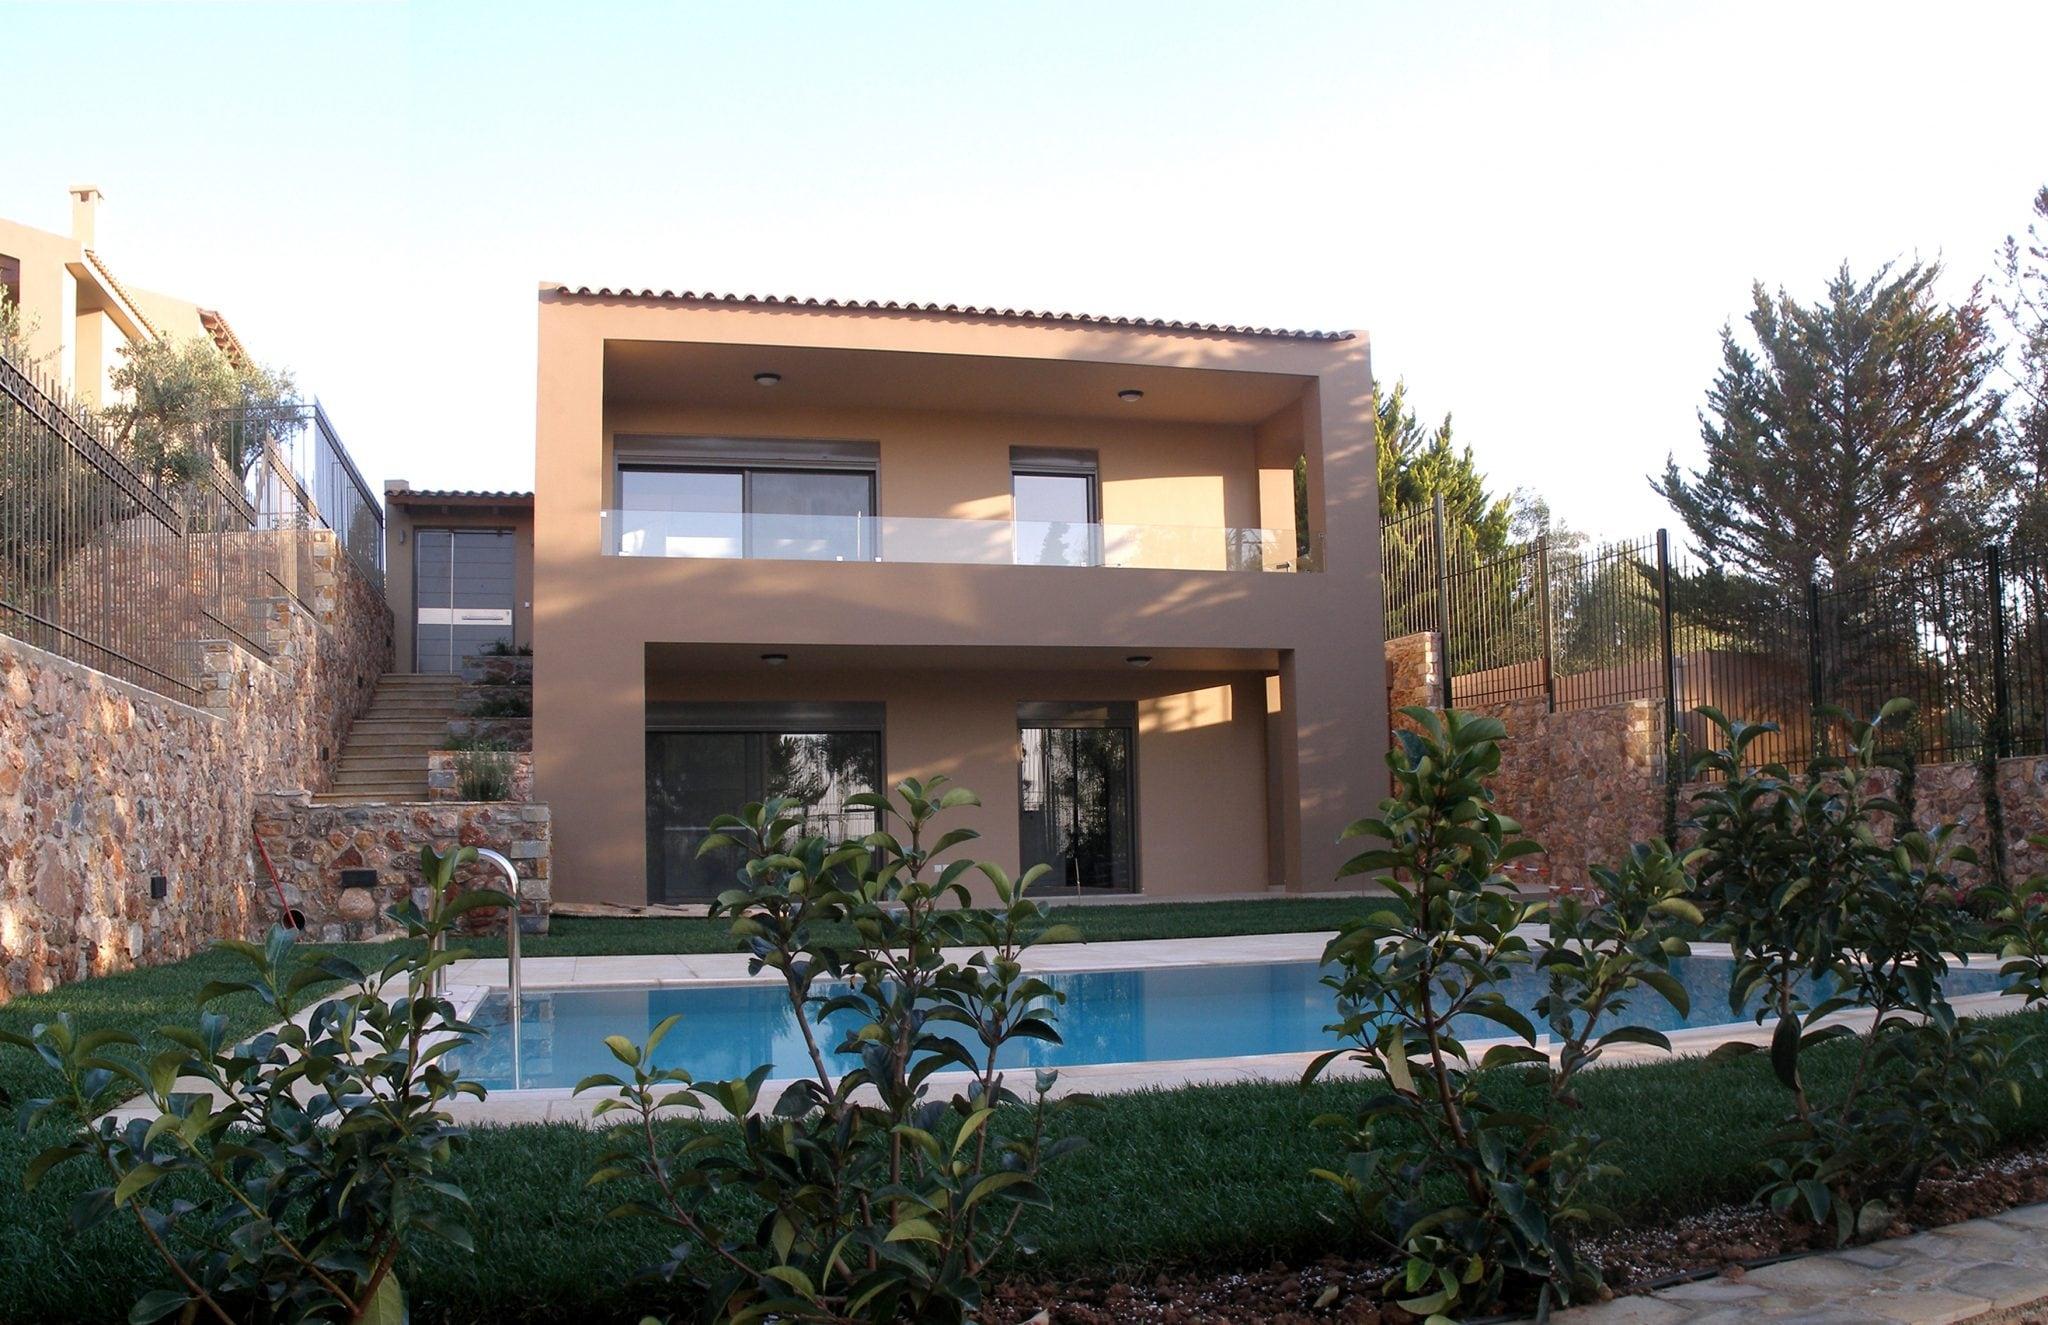 Maison, Paiania - Ref GR-4297